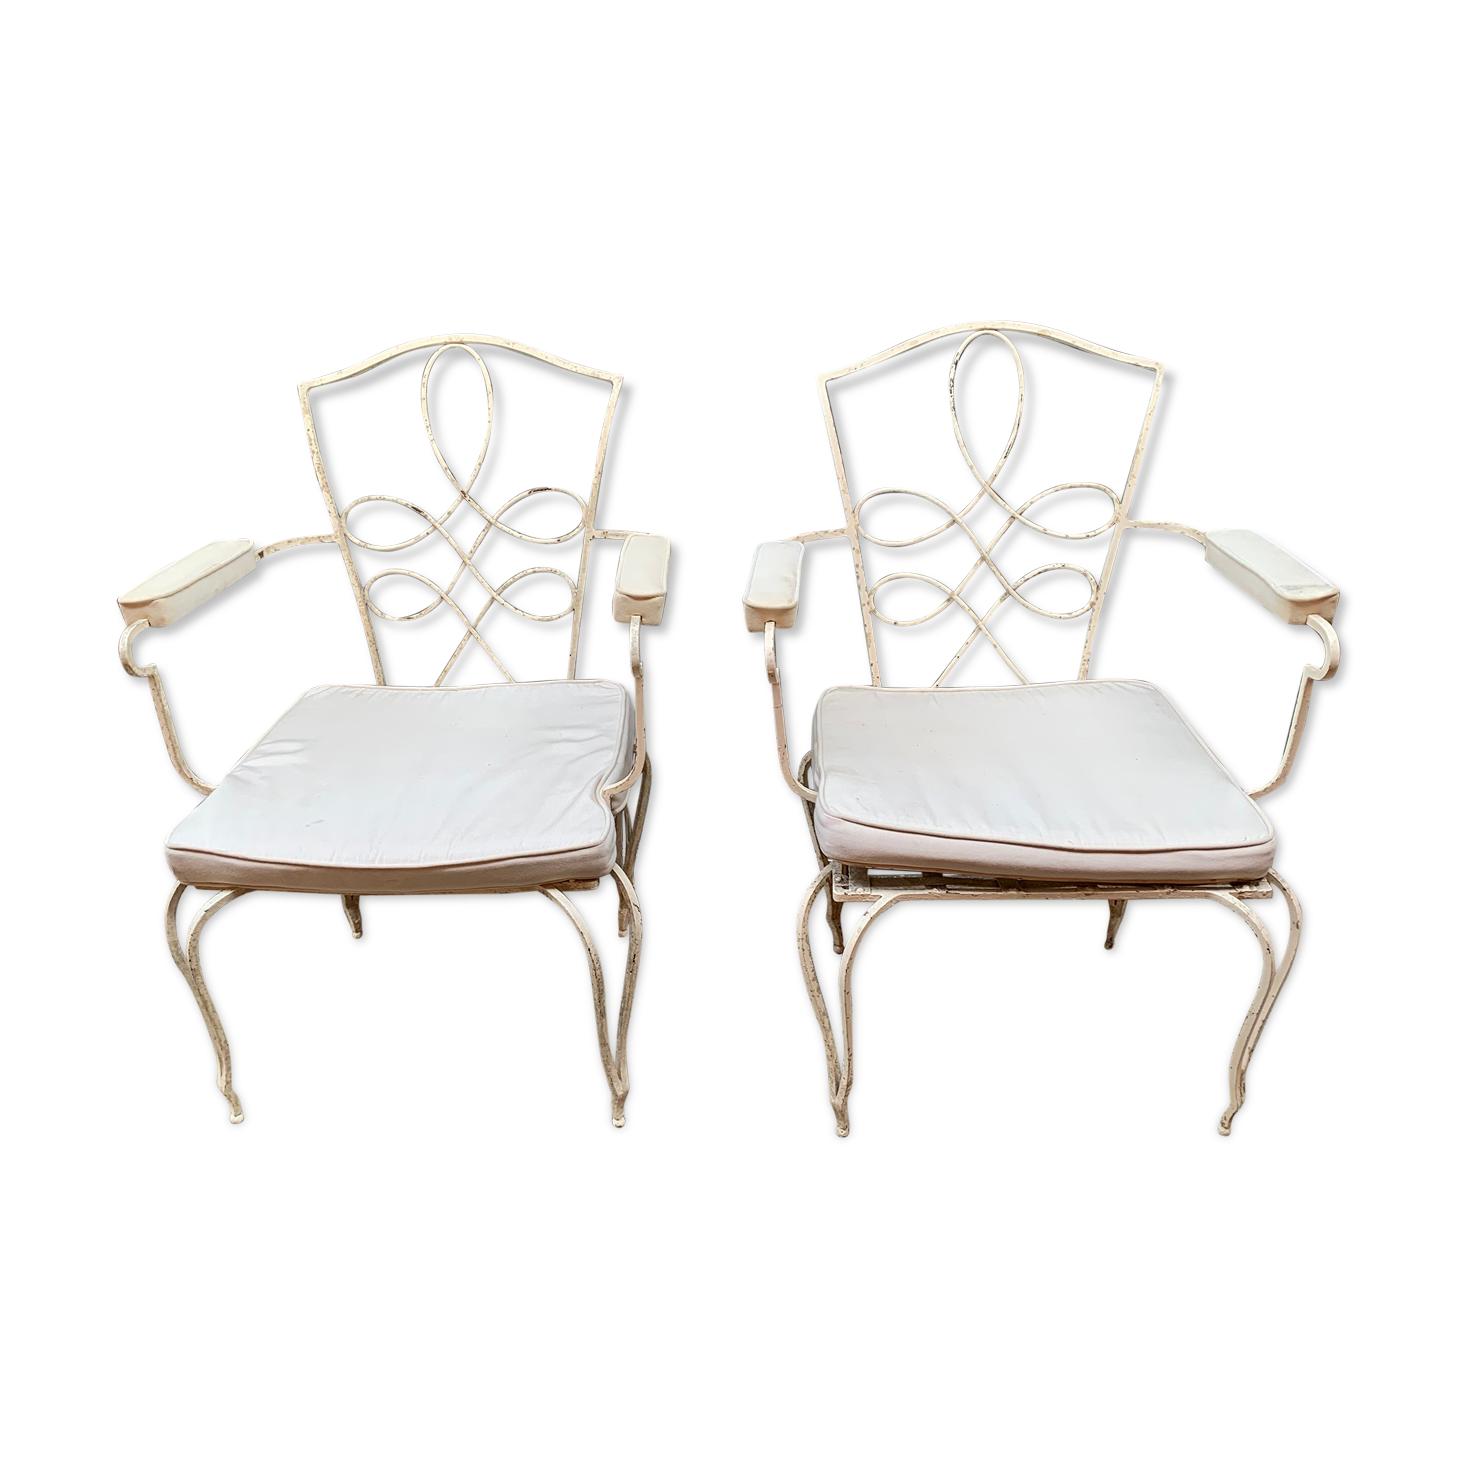 Paire de fauteuils en fer forgé blanc années 1940